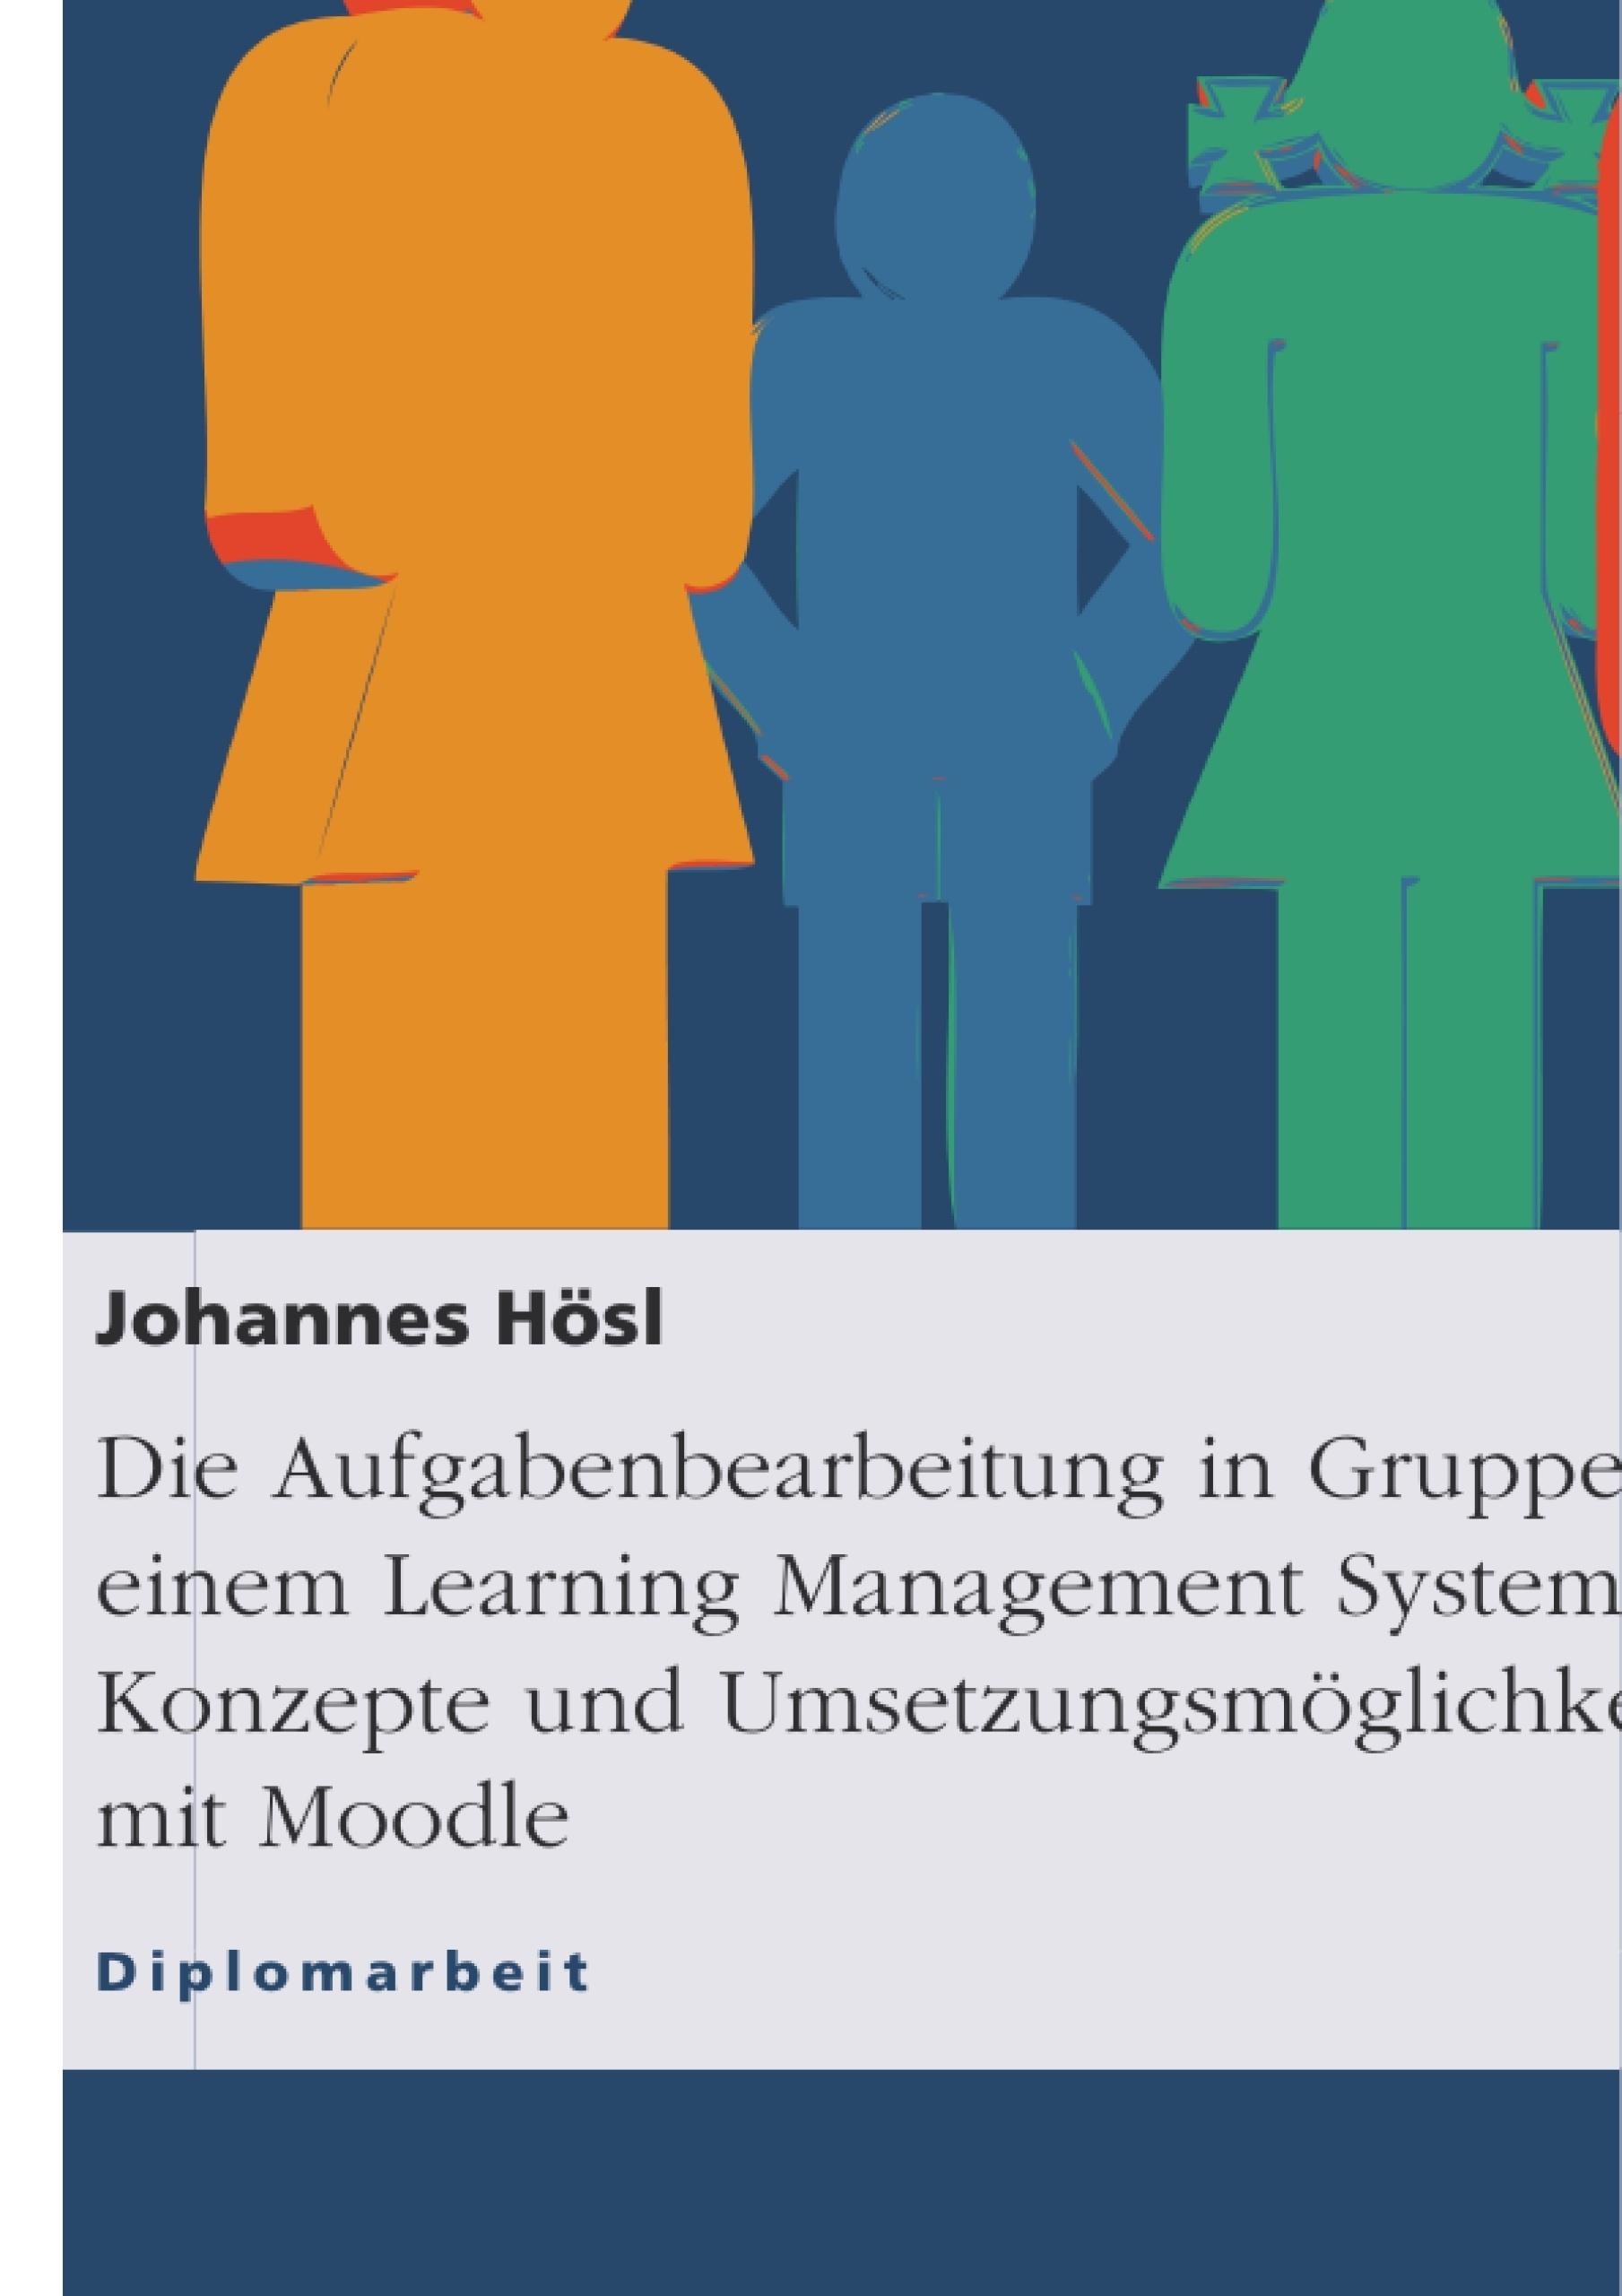 Titel: Die Aufgabenbearbeitung in Gruppen mit einem Learning Management System. Konzepte und Umsetzungsmöglichkeiten mit Moodle